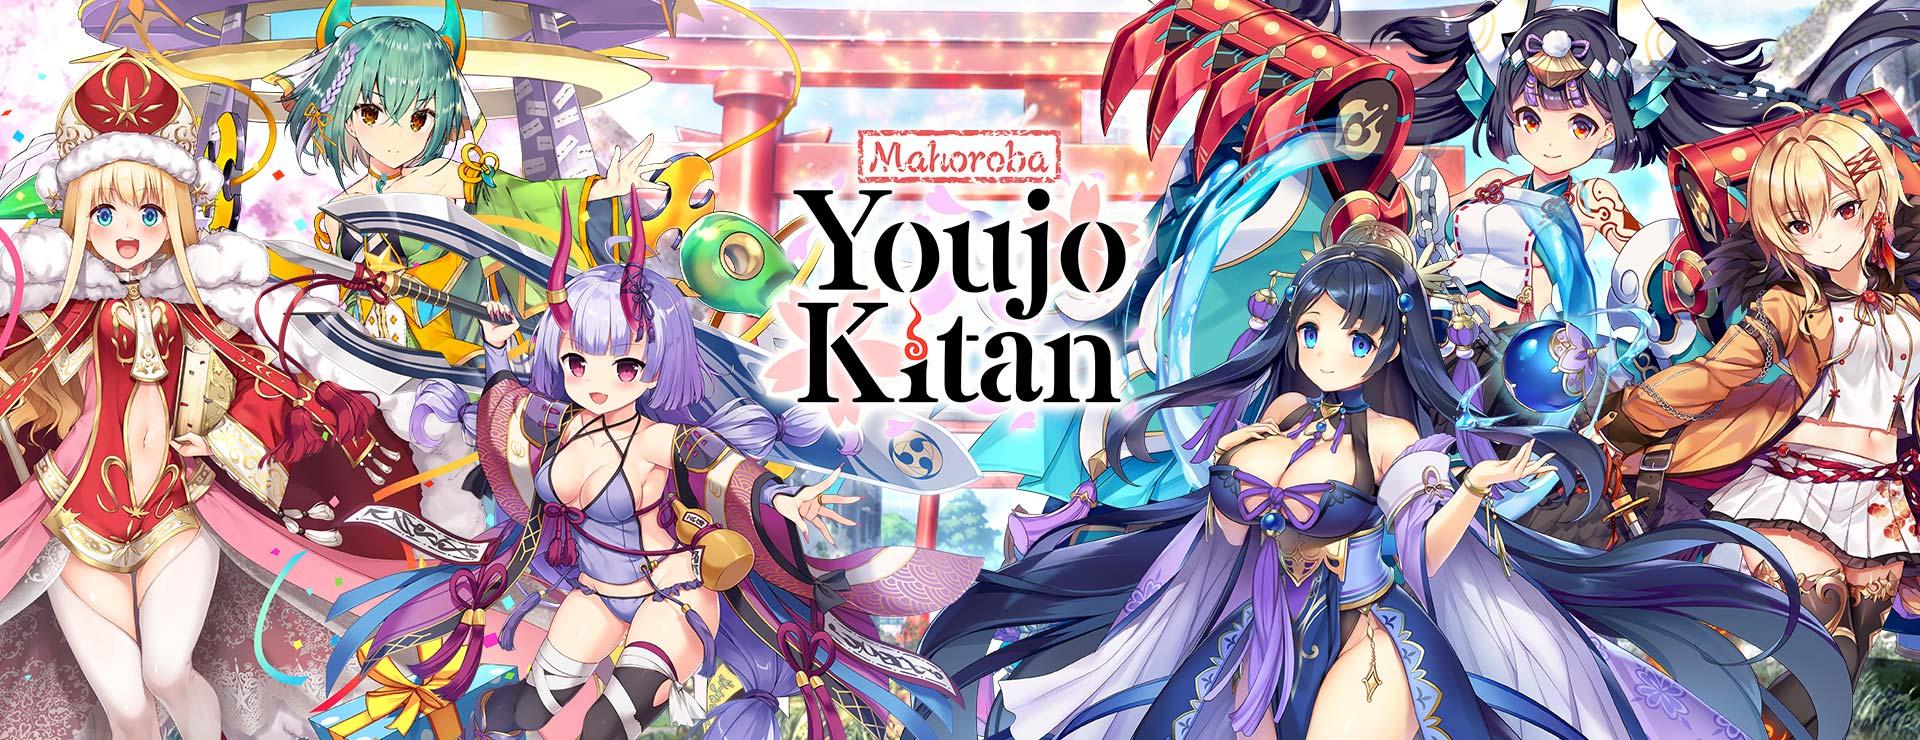 JRPG Hentai Game Mahoroba Youjo Kitan